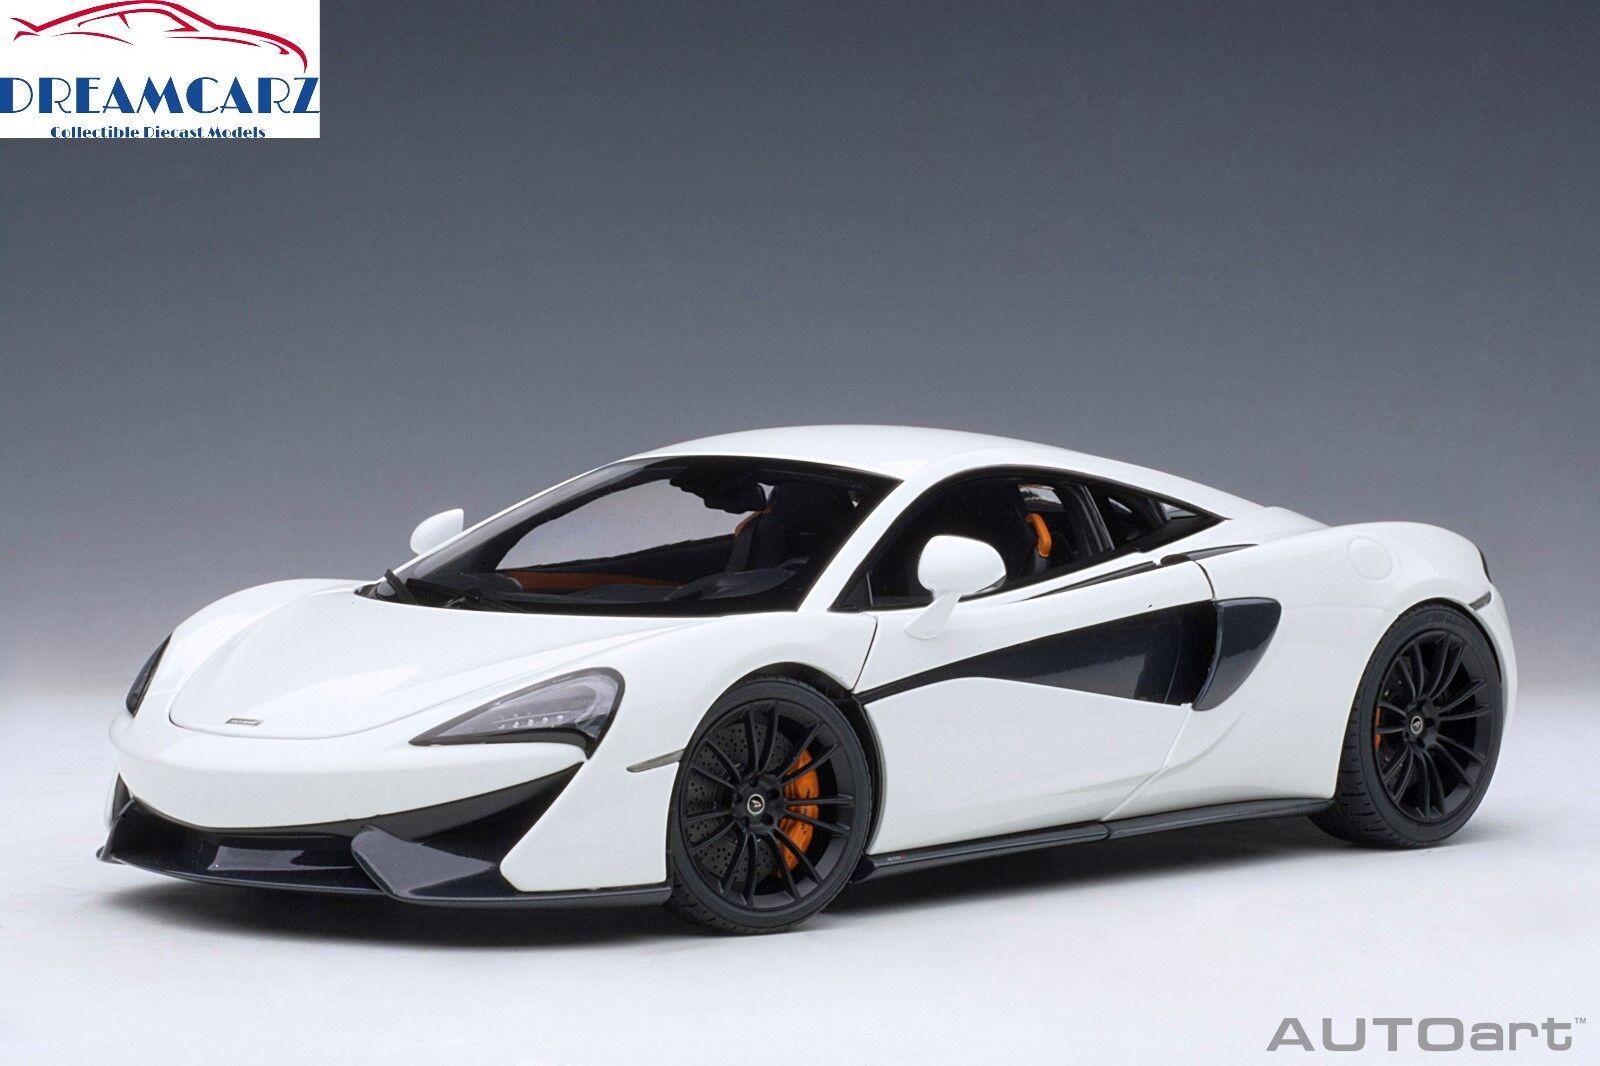 bajo precio Autoart 76041 76041 76041 1 18 McLaren 570S-blancoo con Negro Ruedas  suministramos lo mejor